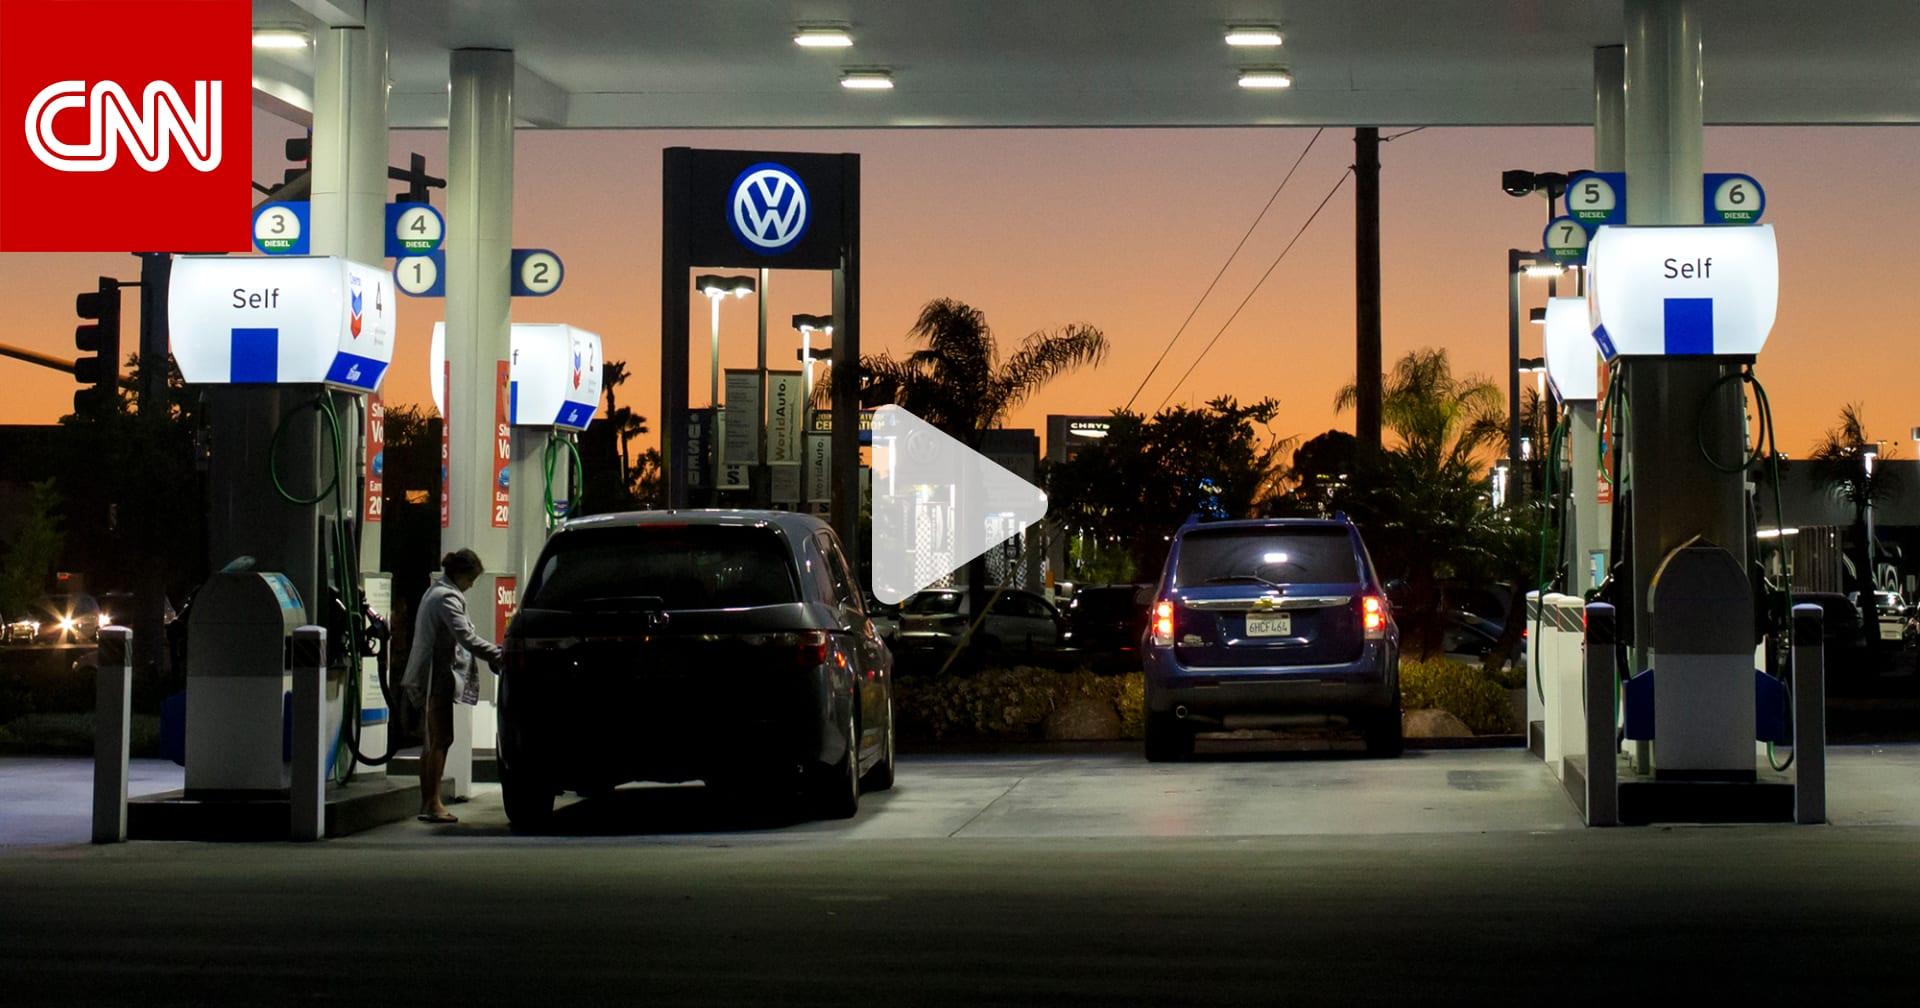 توقعات بارتفاع أسعار الوقود في أمريكا.. إليكم السبب